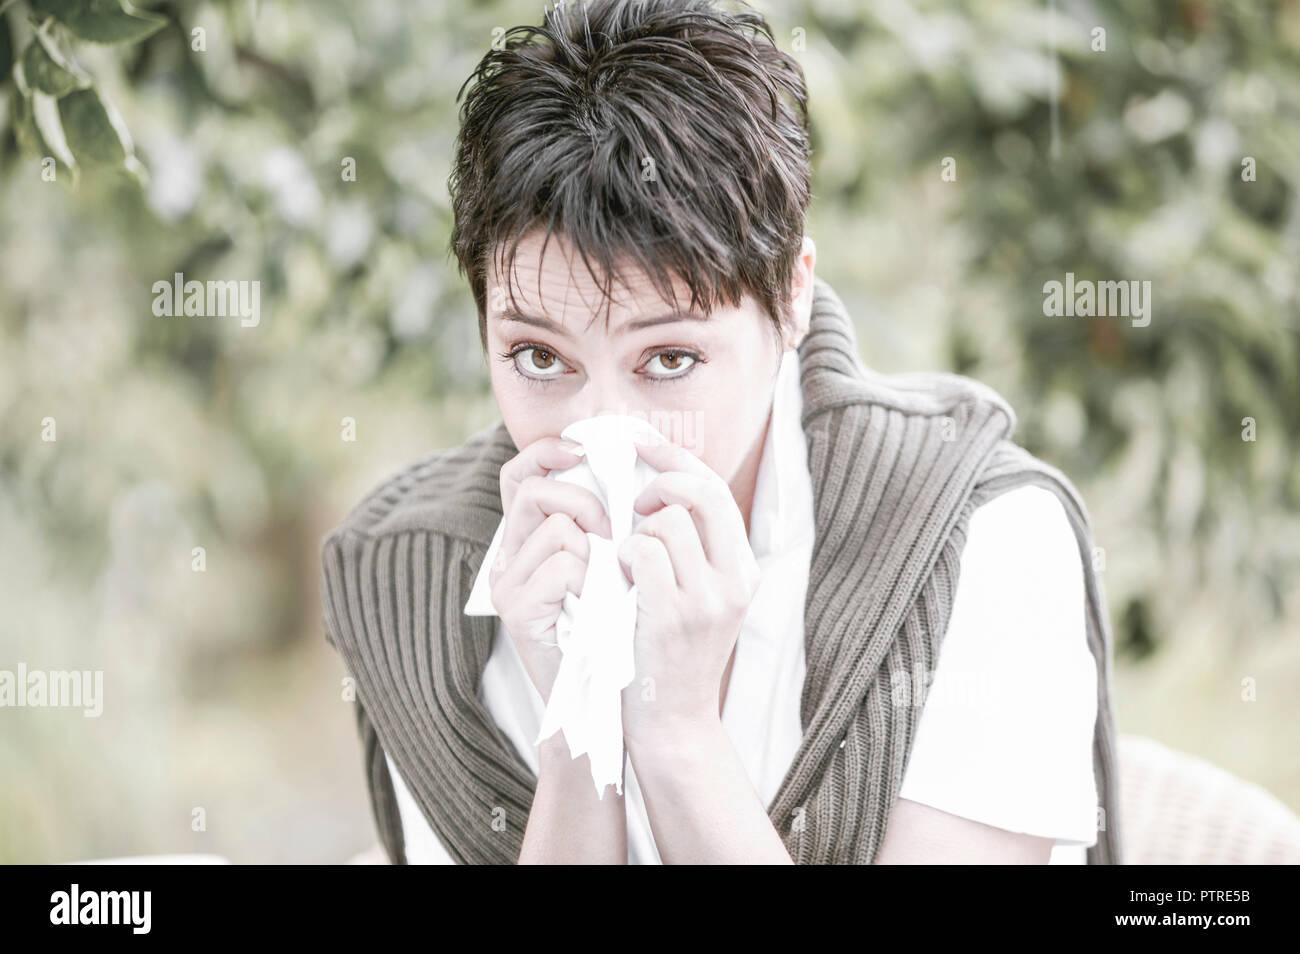 Frau, jung, Taschentuch, schnaeuzen, Portrait, aussen, Sommer, Fruehling, Park, Garten, Pollen, Pollenflug, 30-40, 20-30 Jahre, Allergie, Erkaeltung,  Stock Photo